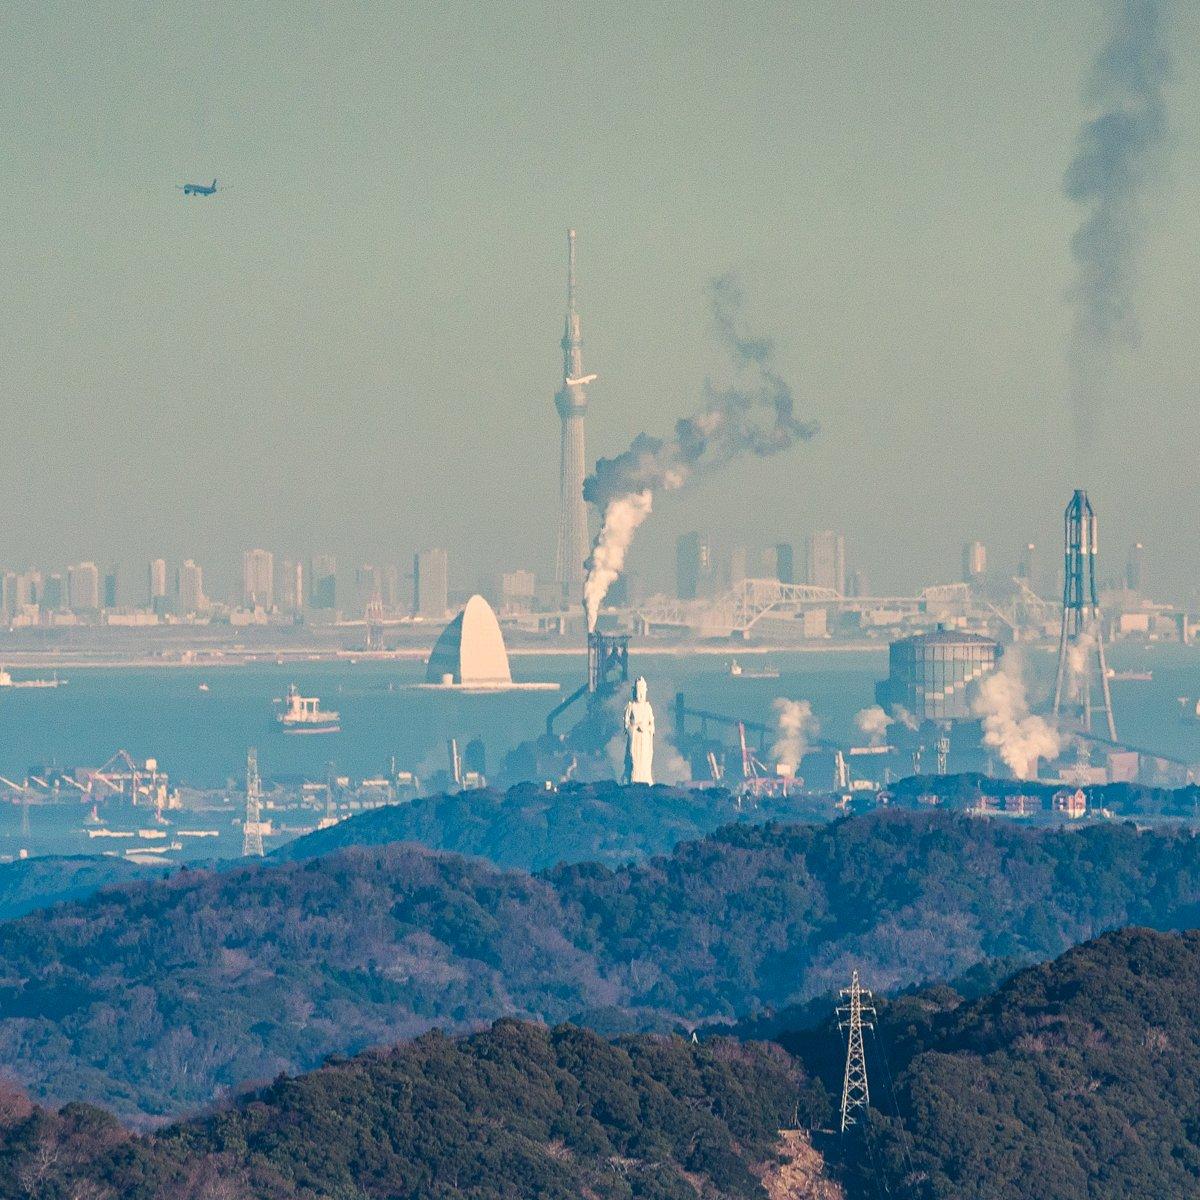 東京湾観音の背後に新日鐵住金君津工場の溶鉱炉、その背後には風の塔、そしてその背後にはジャンボジェット…